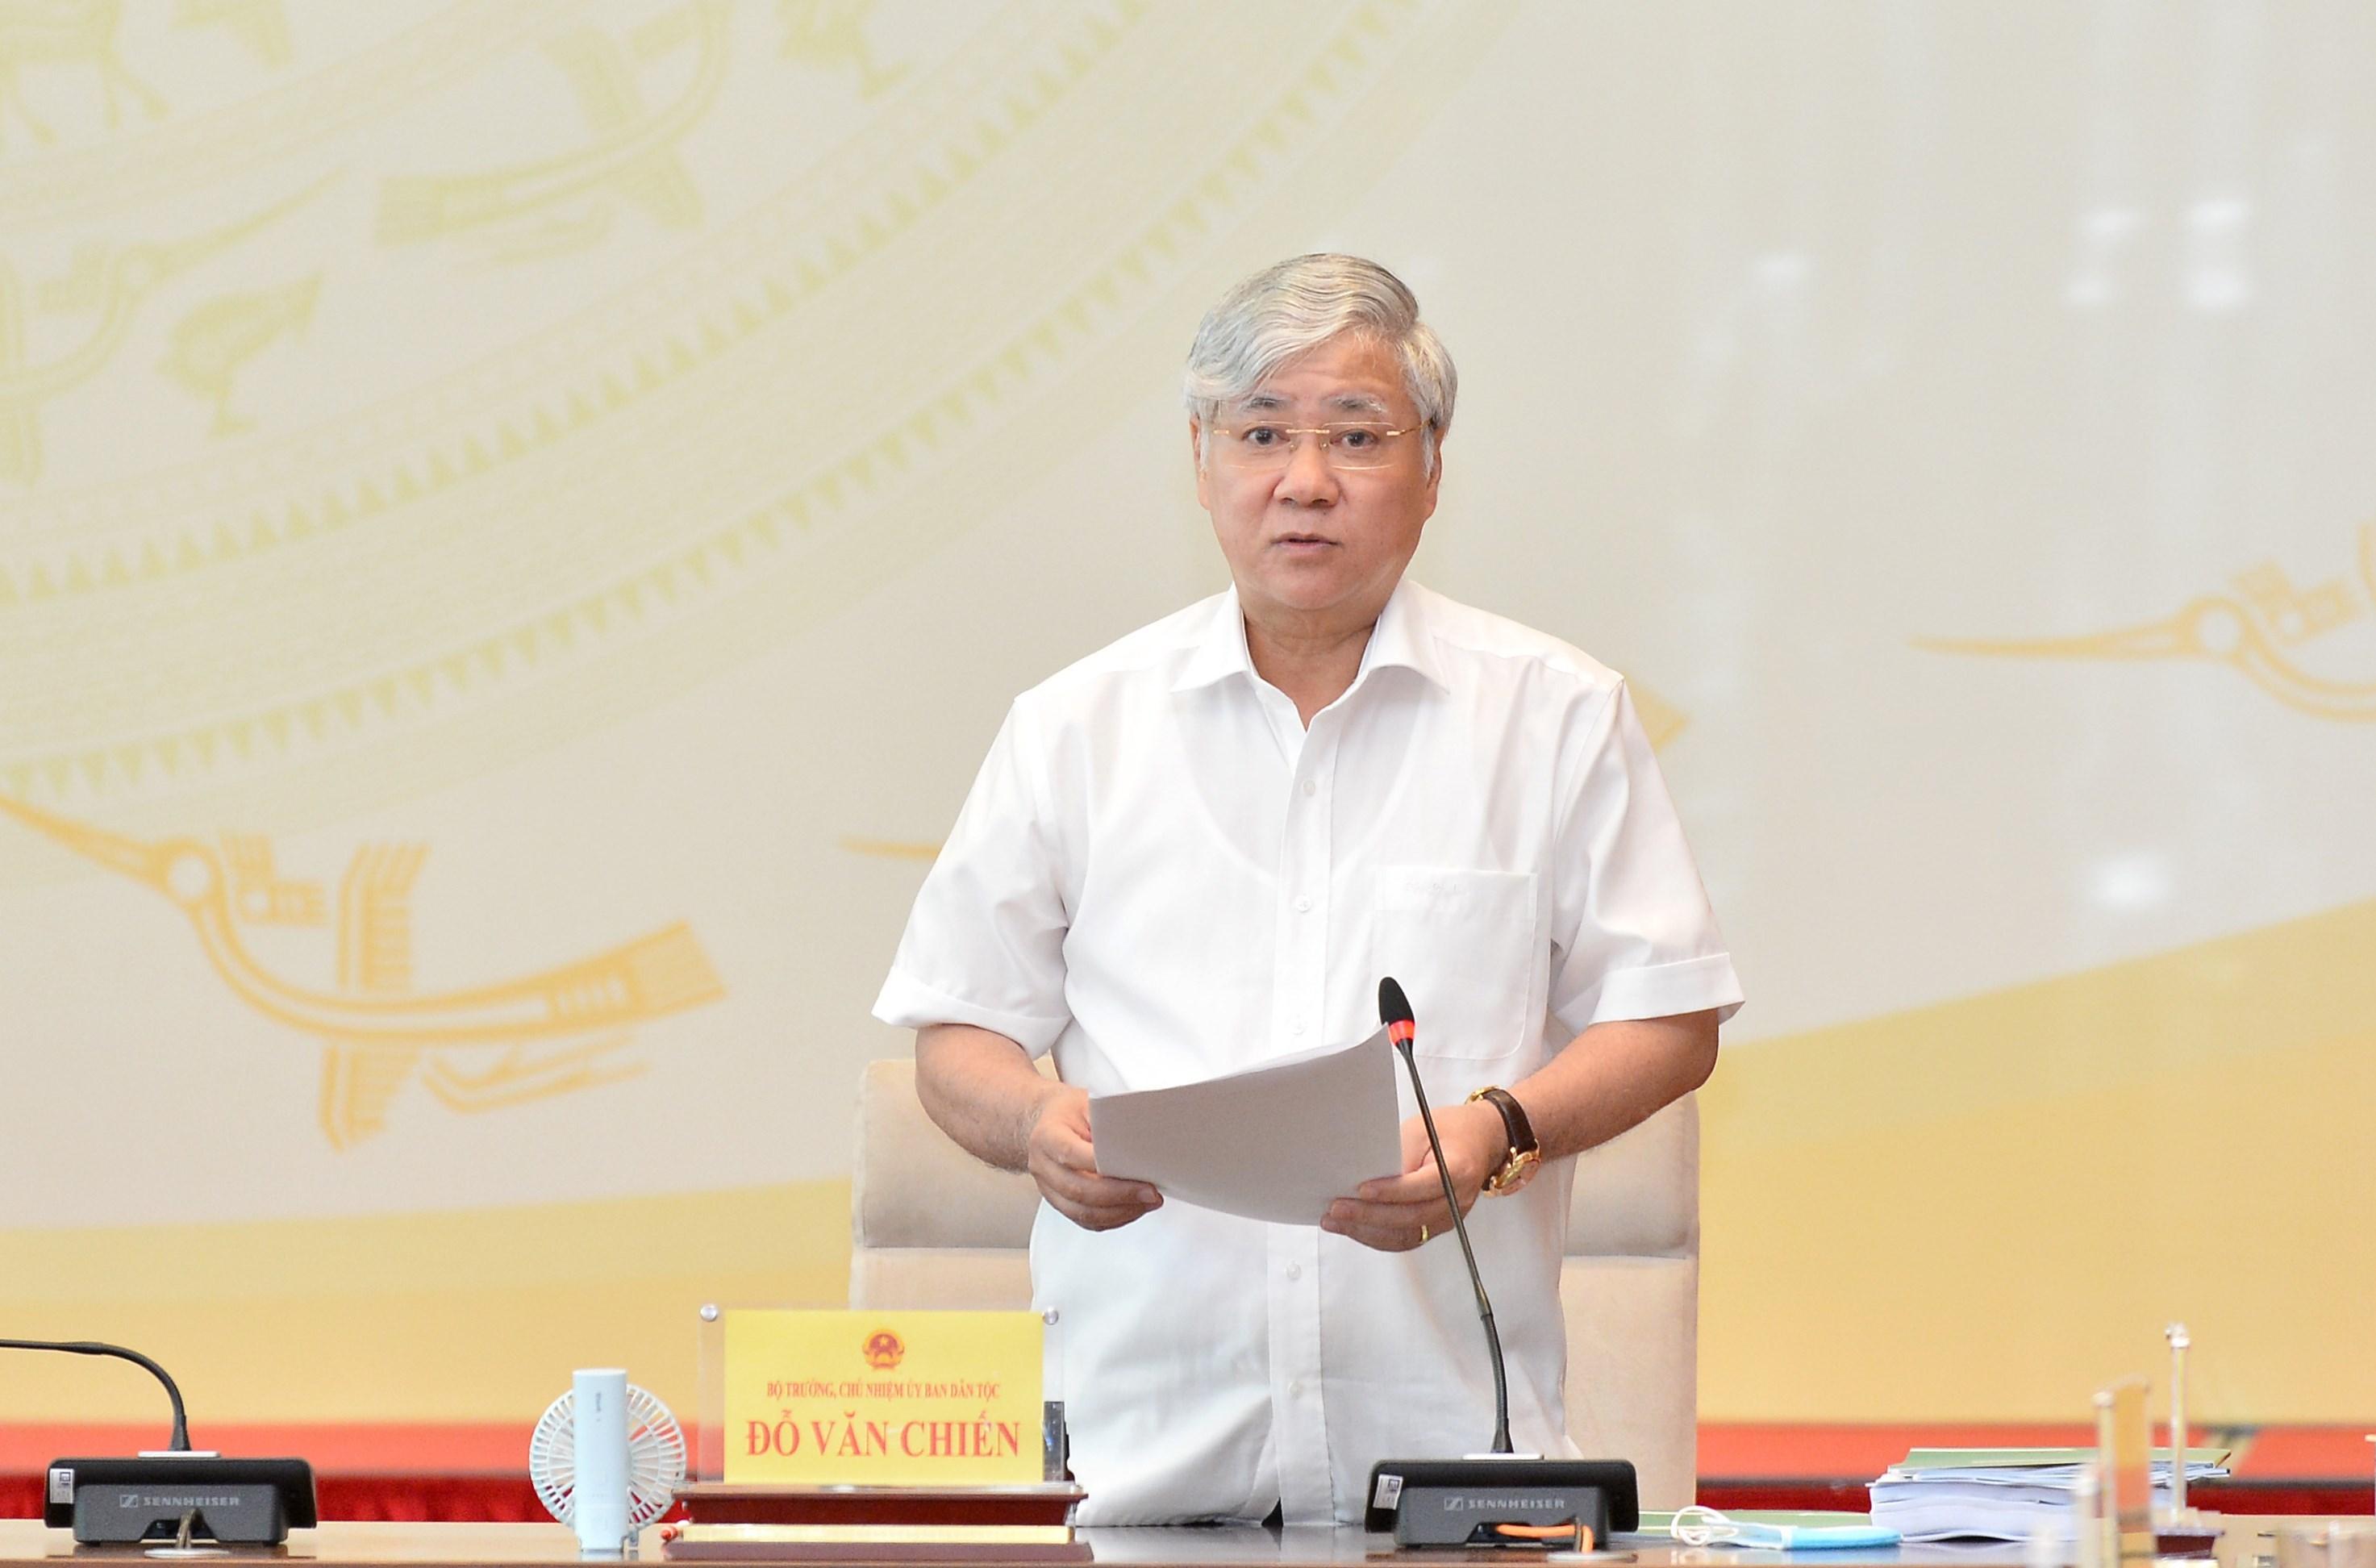 Thừa ủy quyền của Thủ tướng Chính phủ, Ủy viên Ban Chấp hành Trung ương Đảng, Bộ trưởng, Chủ nhiệm UBDT Đỗ Văn Chiến trình bày Tờ trình về Đề xuất chủ trương đầu tư Chương trình MTQG